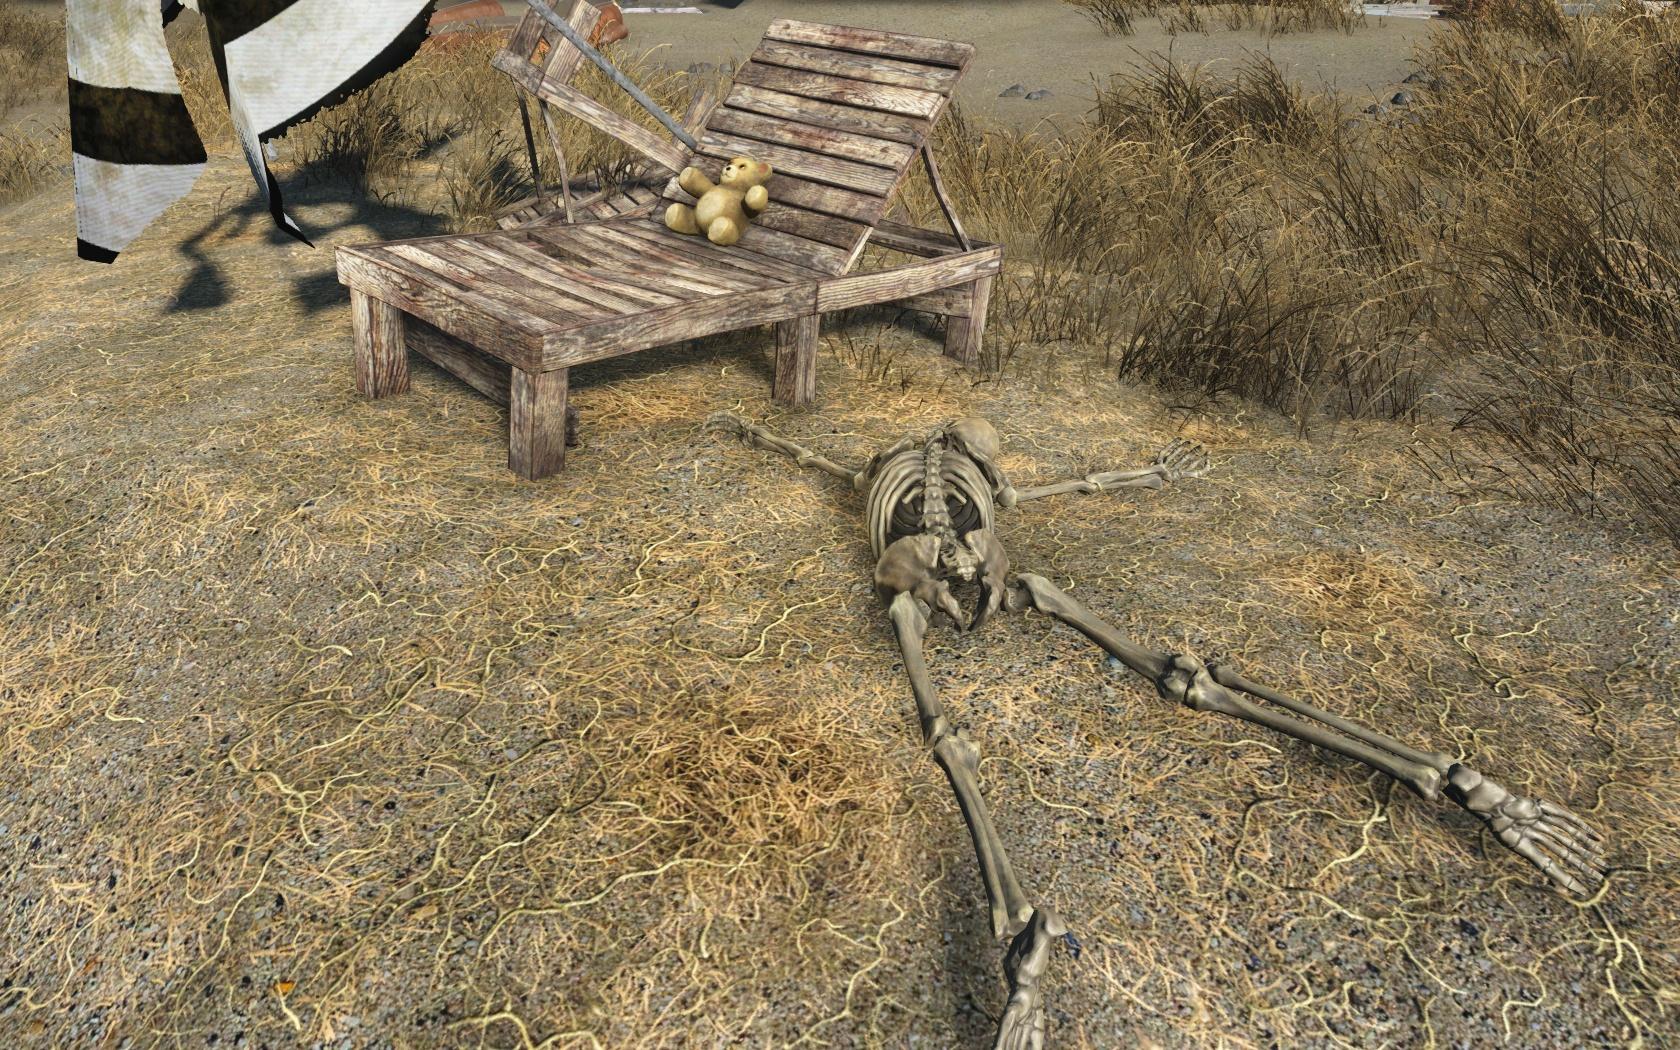 Загорают (западнее Парковки в Линн-Пир) - Fallout 4 Линн-Пир, Парковка, Парковка в Линн-Пир, скелет